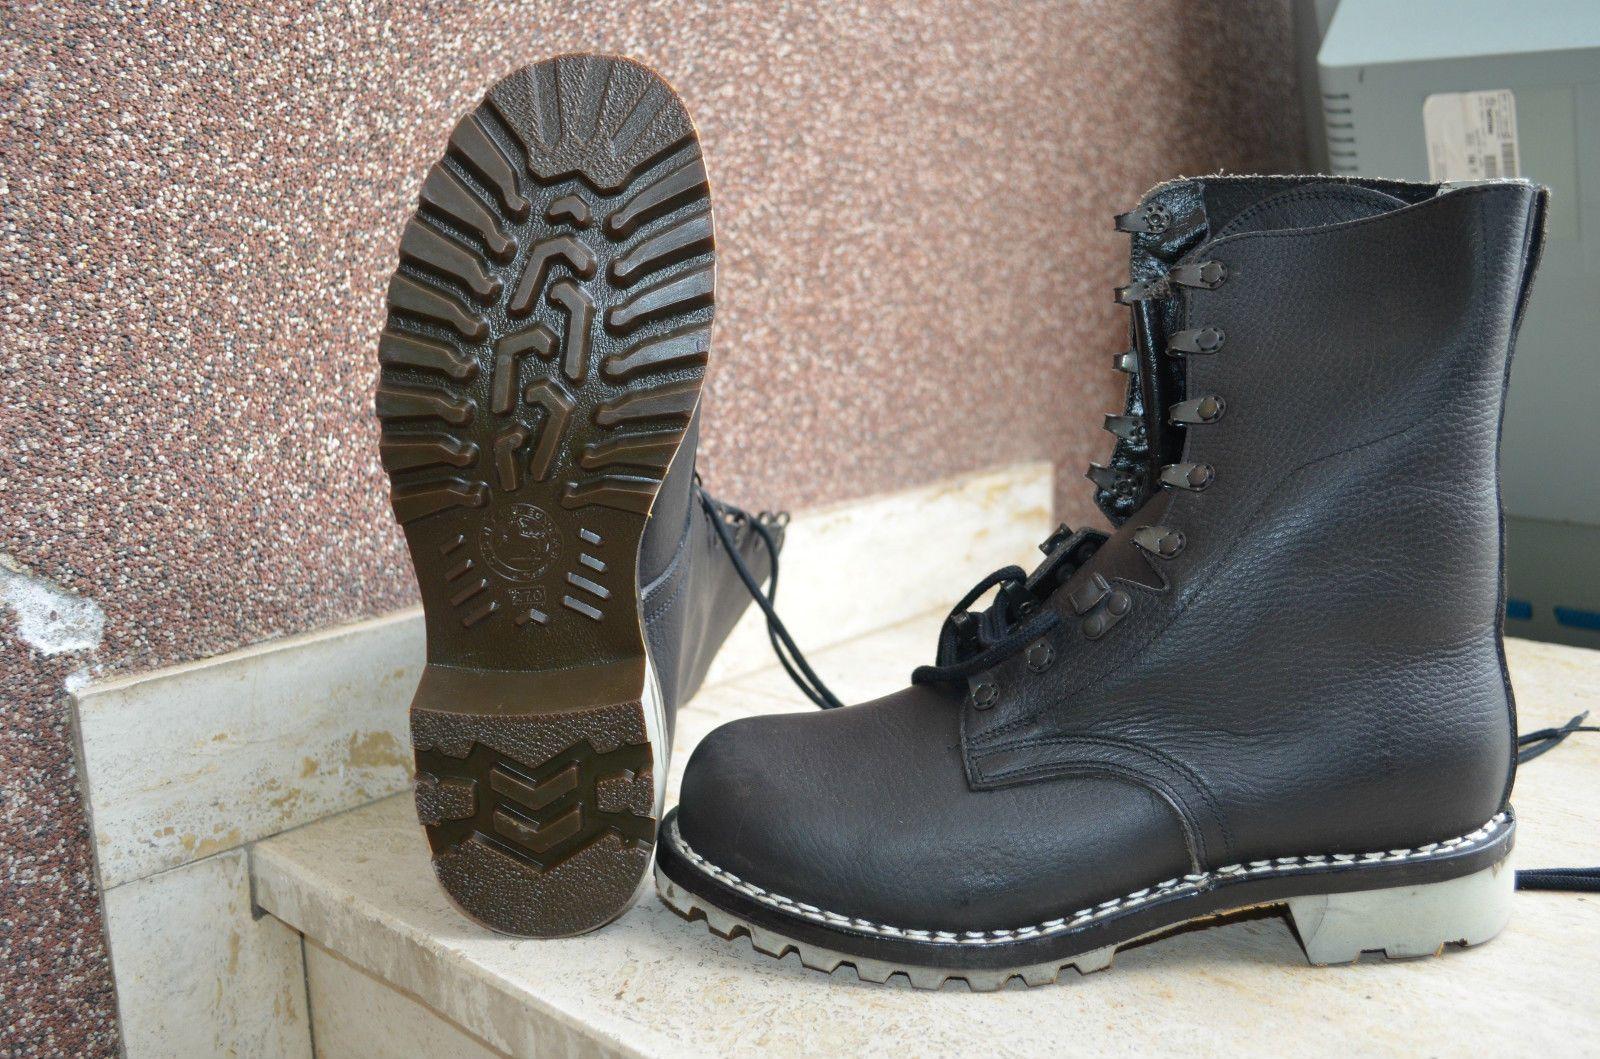 Springerstiefel Bundeswehr Stiefel Boots Army Kampfstiefel